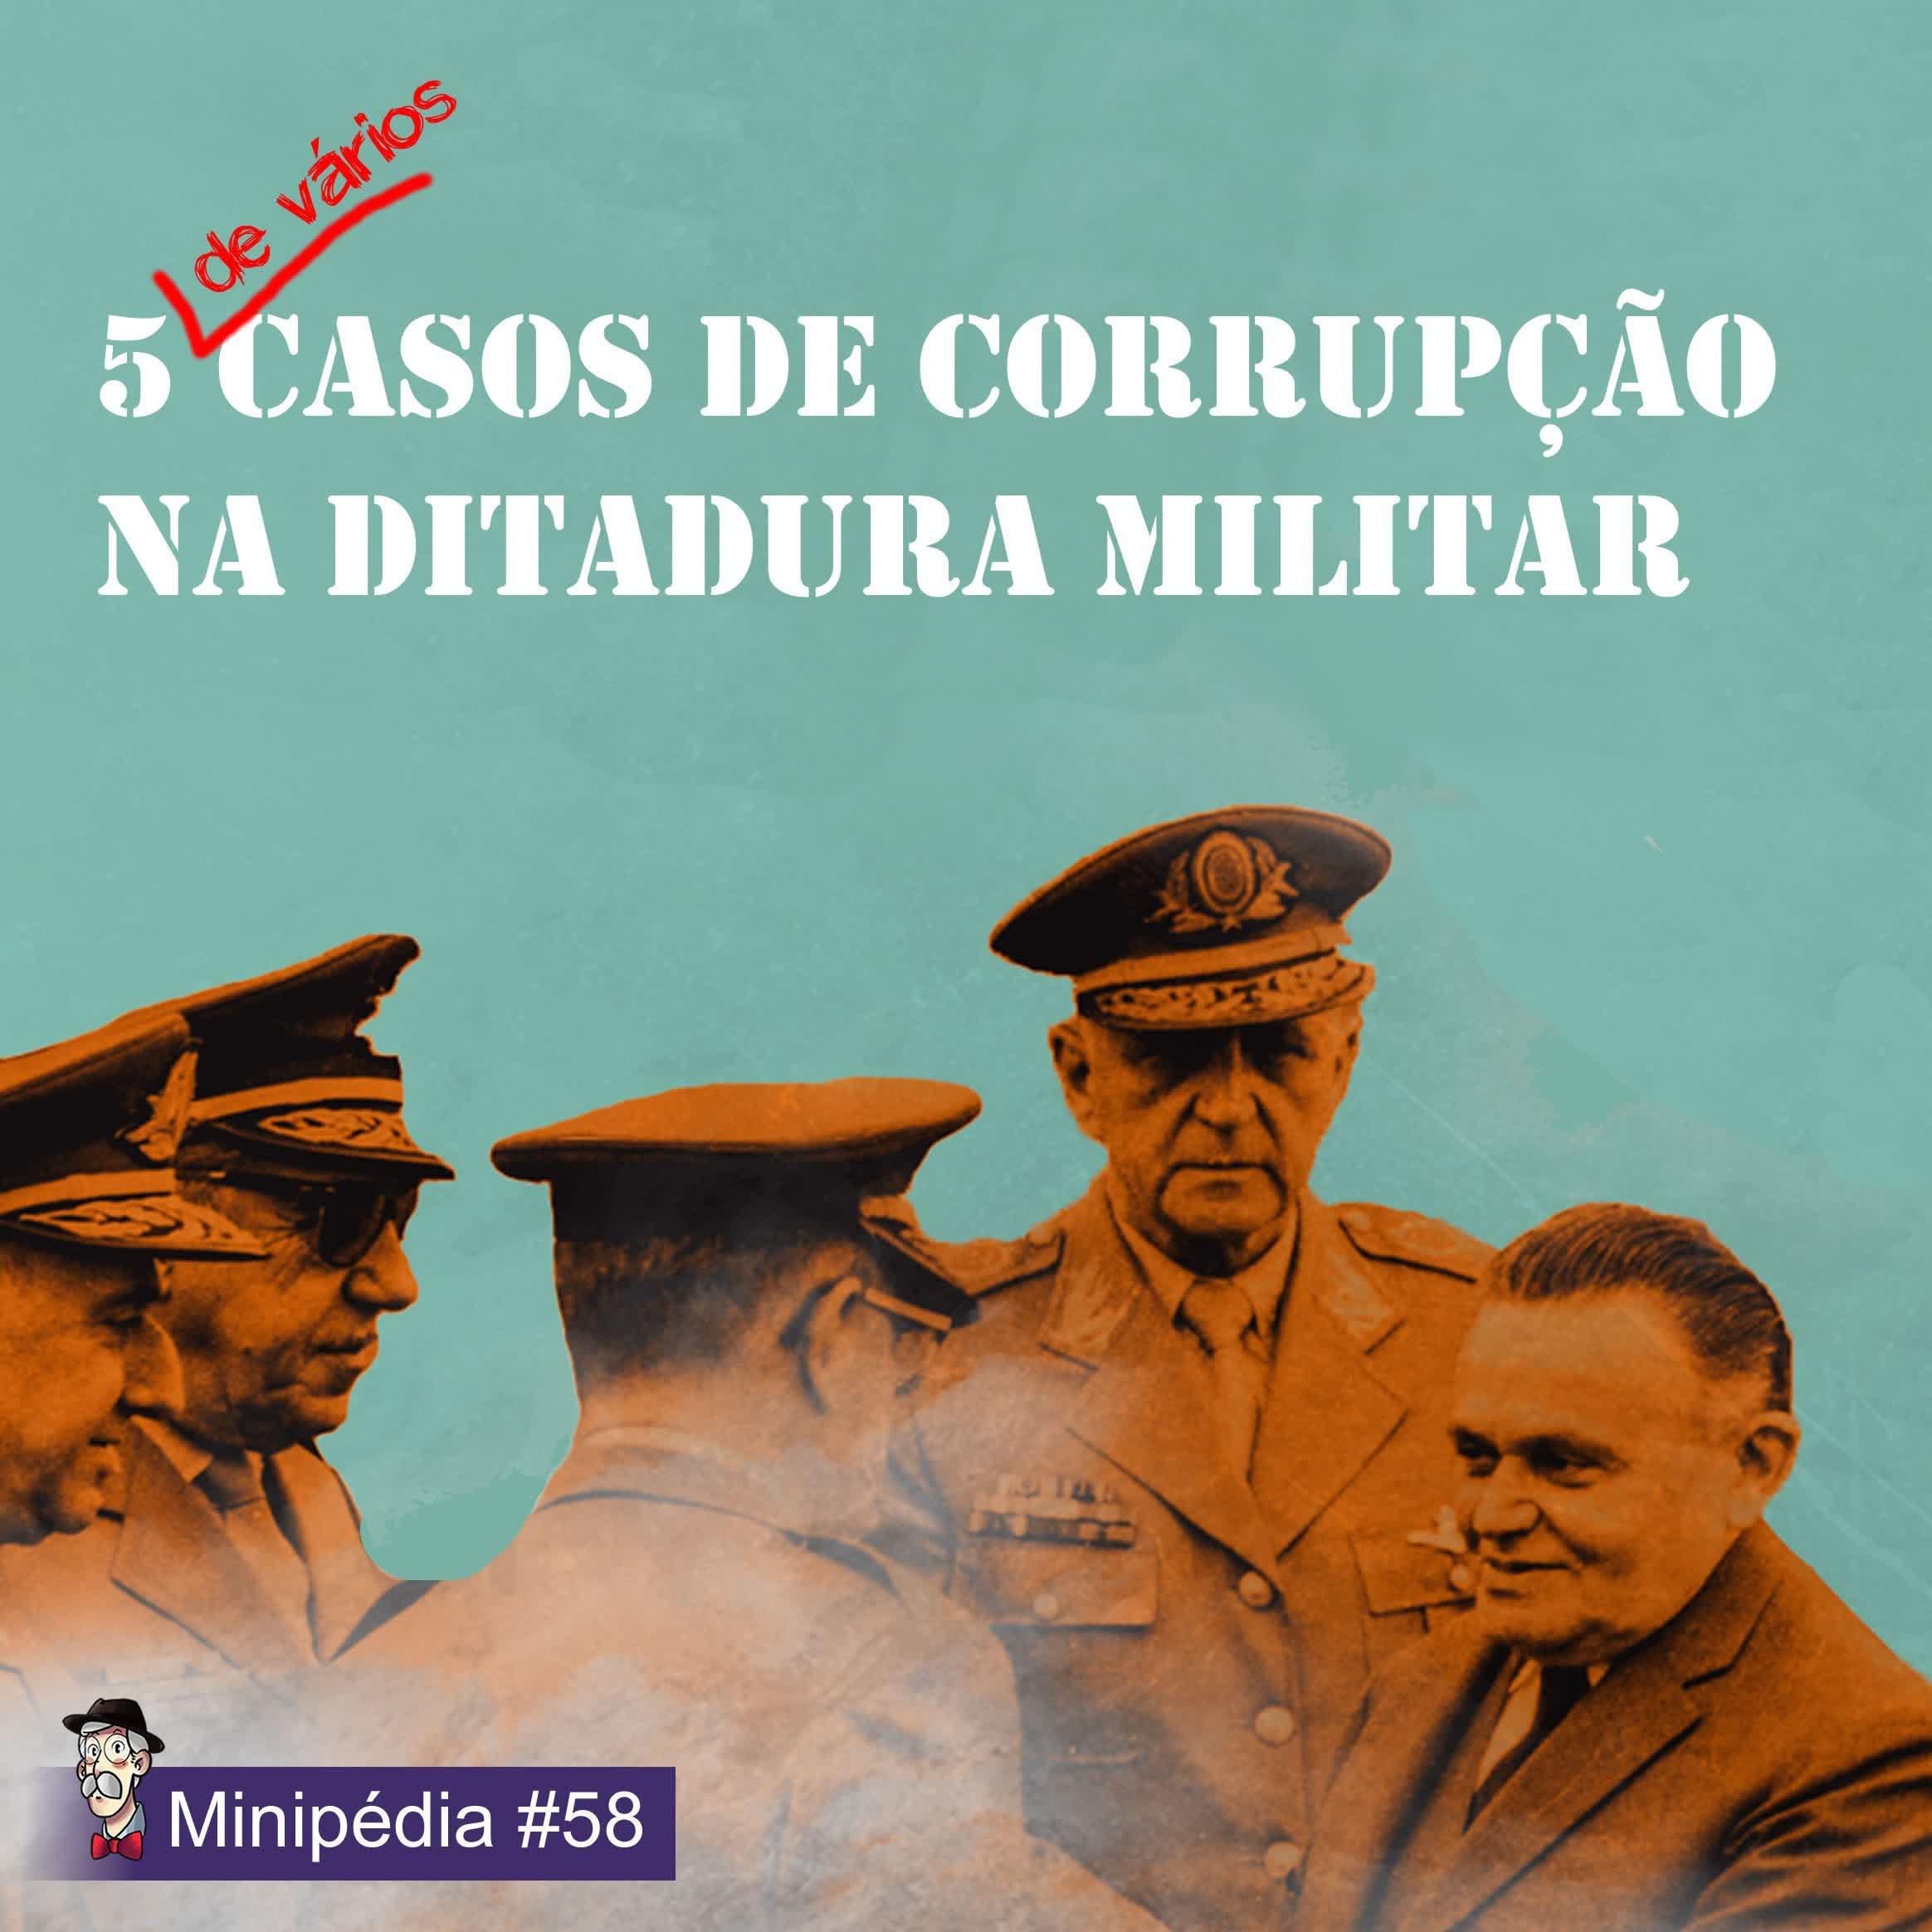 [Minipédia] Os casos de corrupção na Ditadura Militar